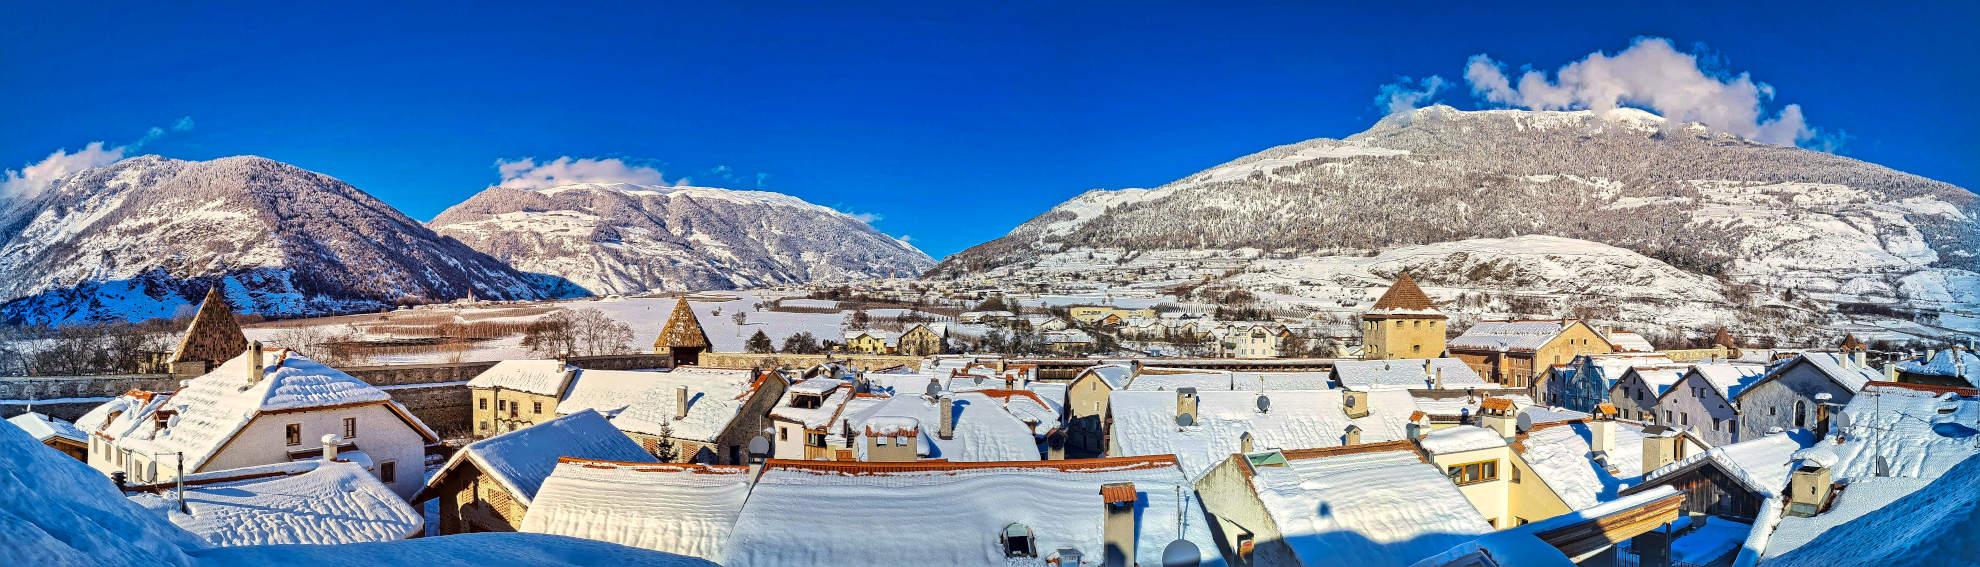 Glorenza Winter